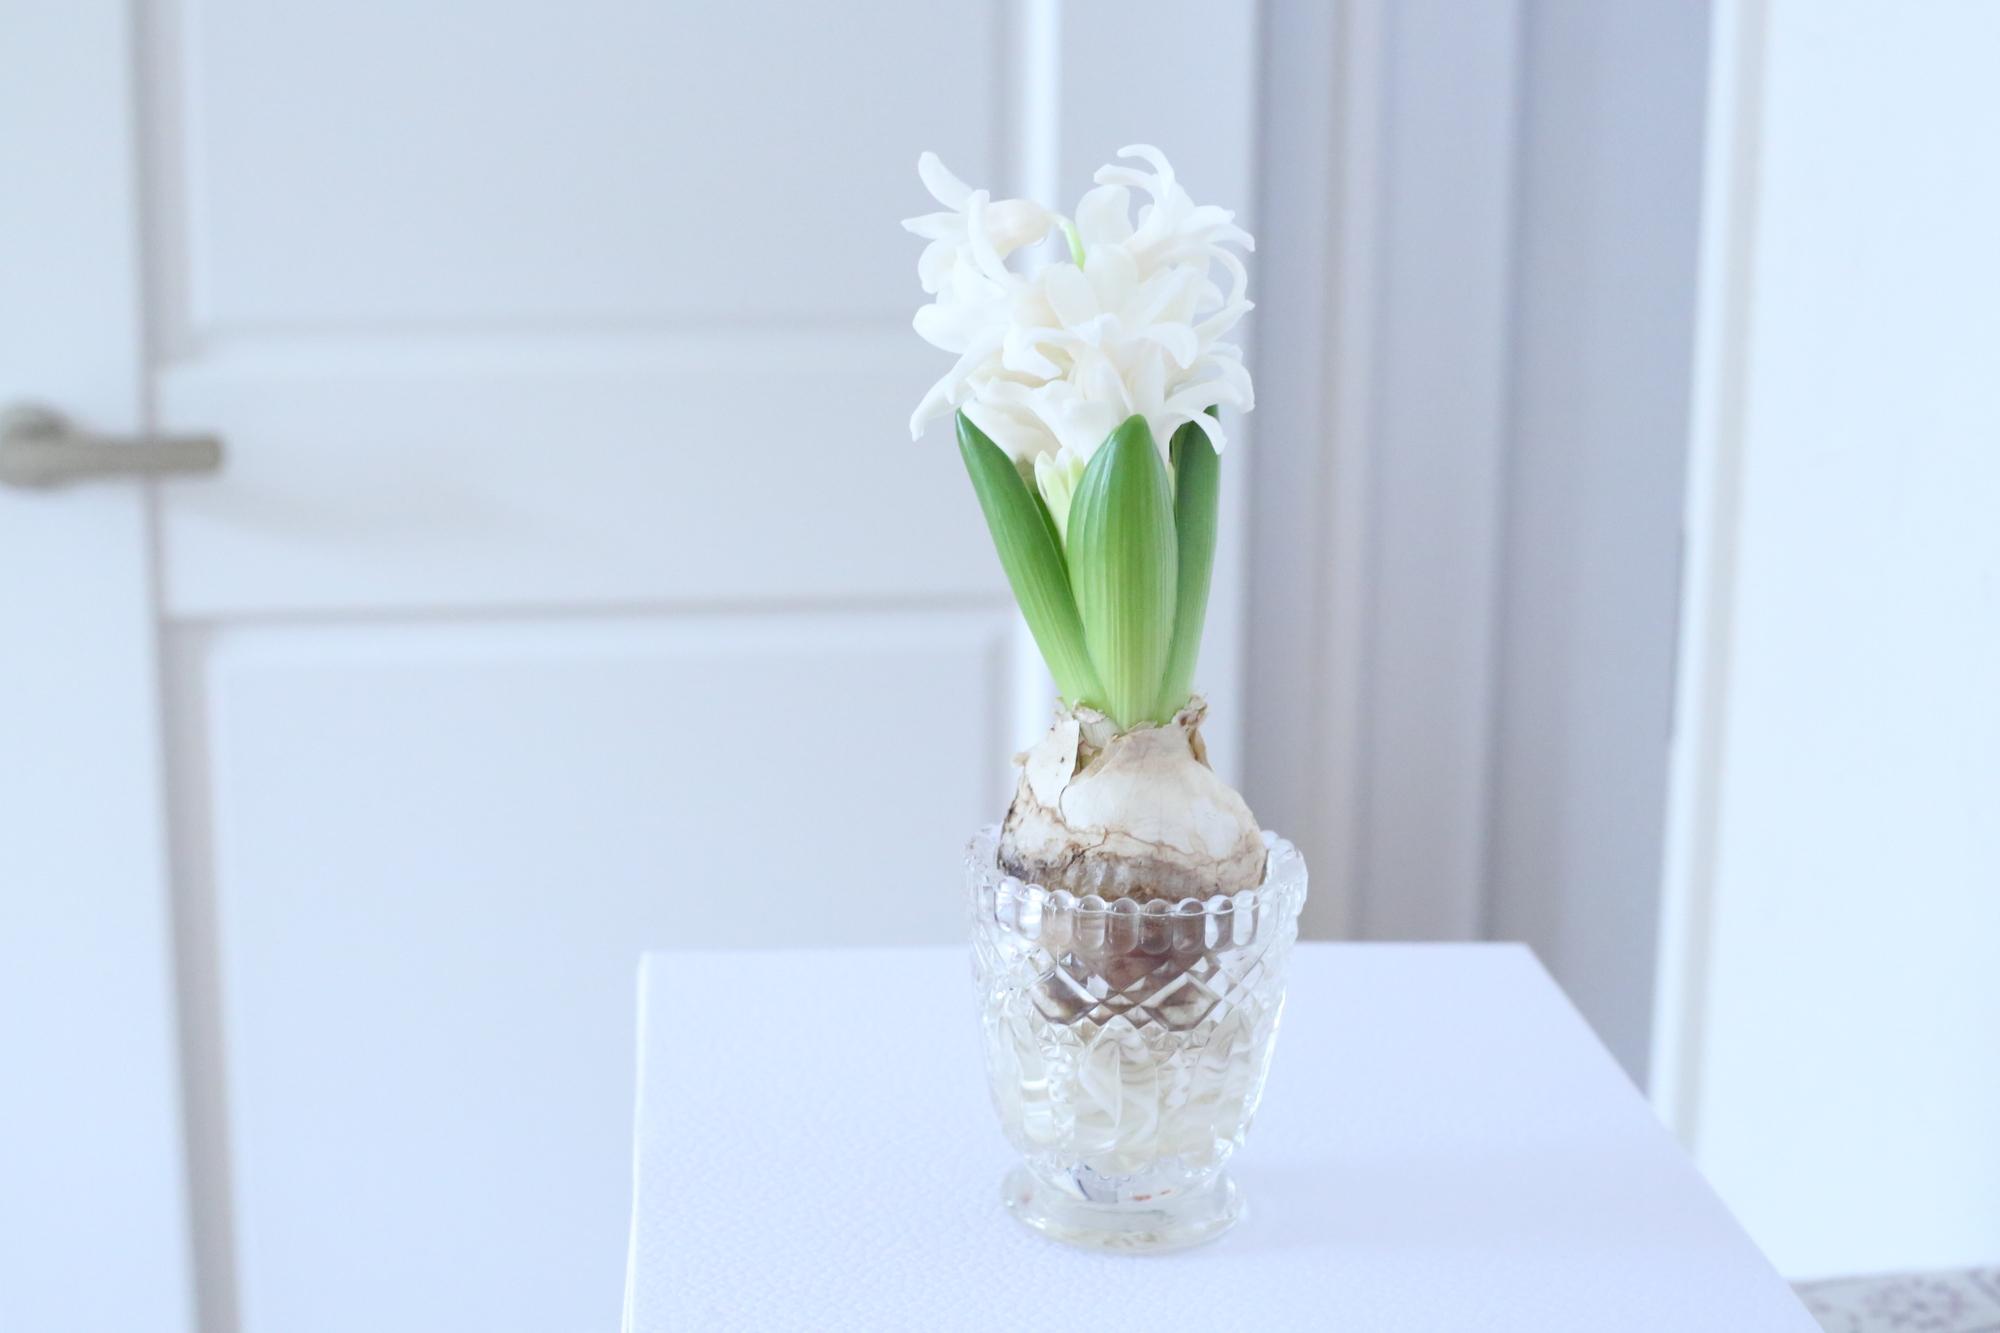 球根の状態から水耕栽培で育てるため、ゆっくり時間をかけて花が咲くまでの時間を楽しめます。